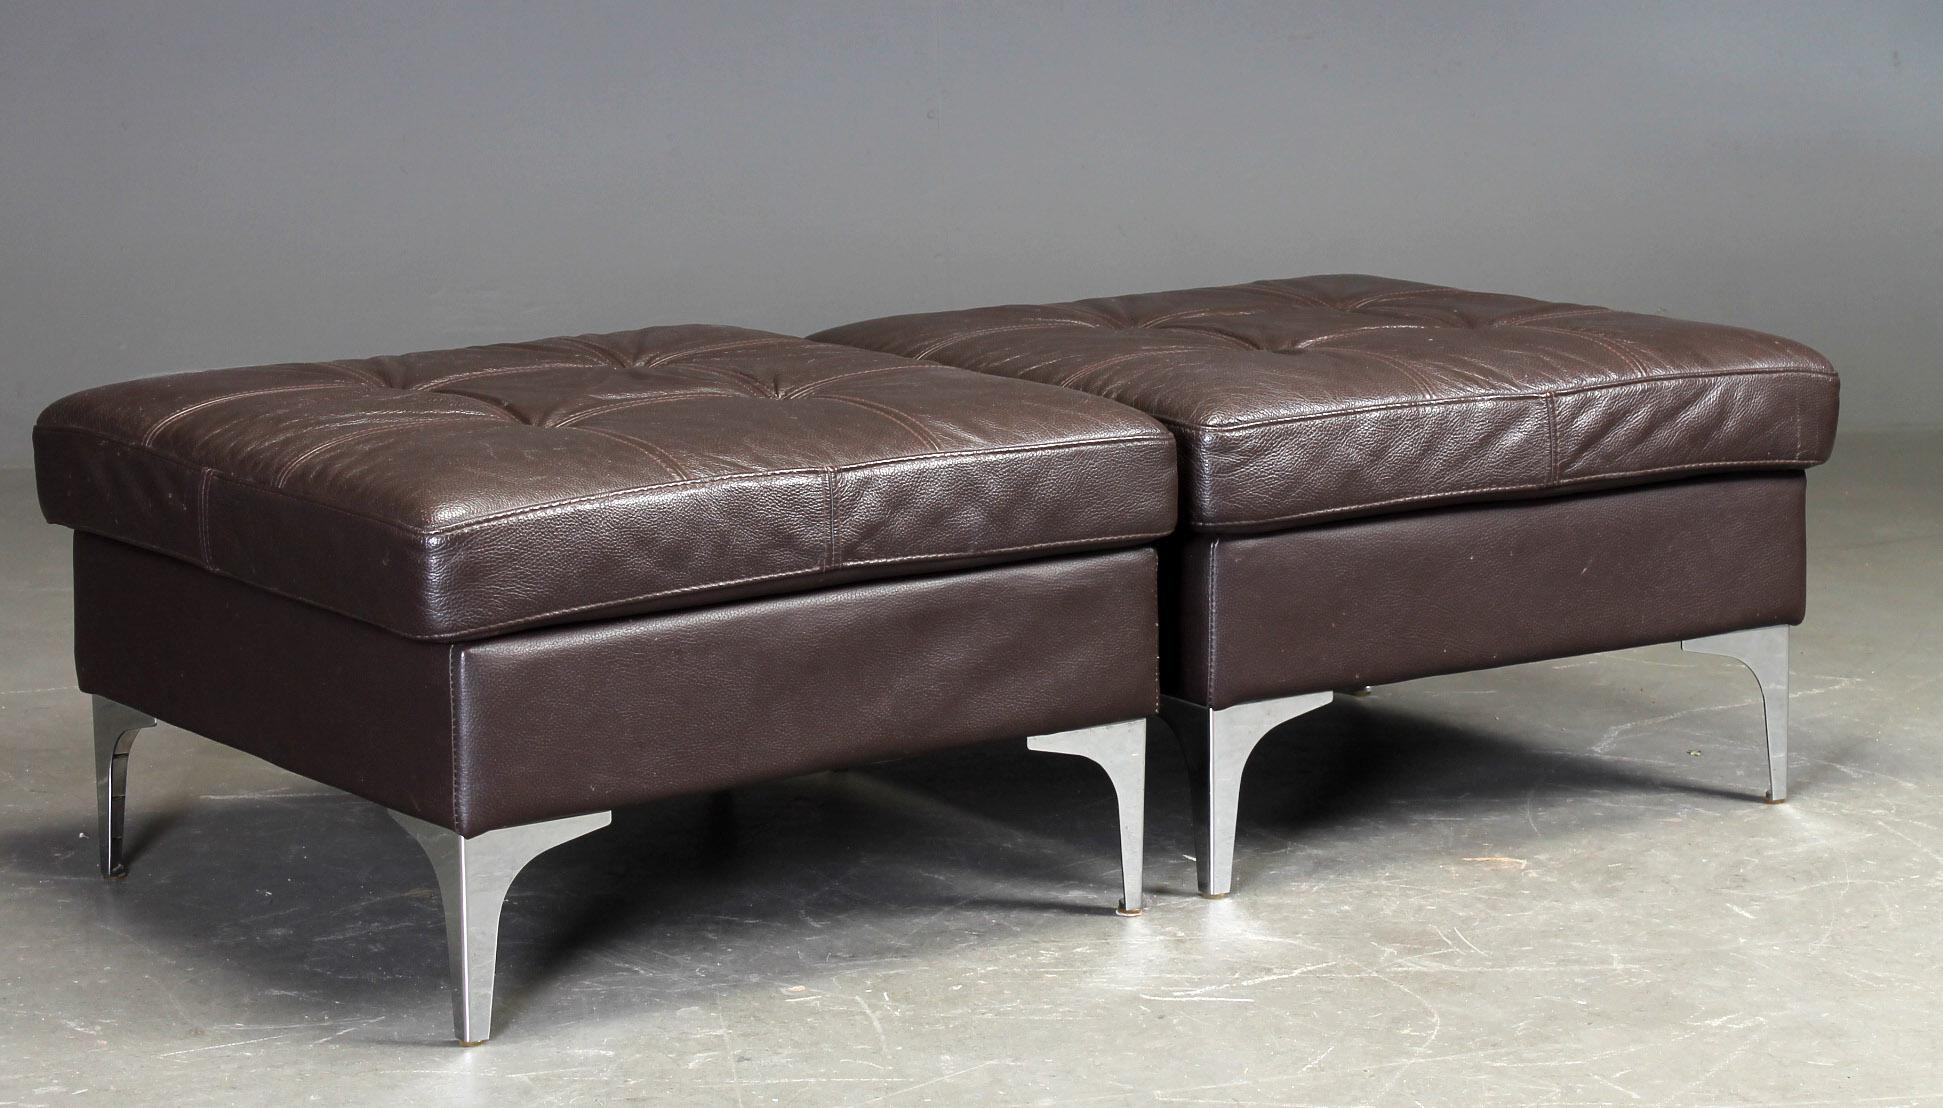 Dansk møbelproducent. To puf - Dansk møbelproducent. To puf betrukket med dybthæftet brunt læder, på ben af forkromet metal. H. 43. 72 x 72 cm